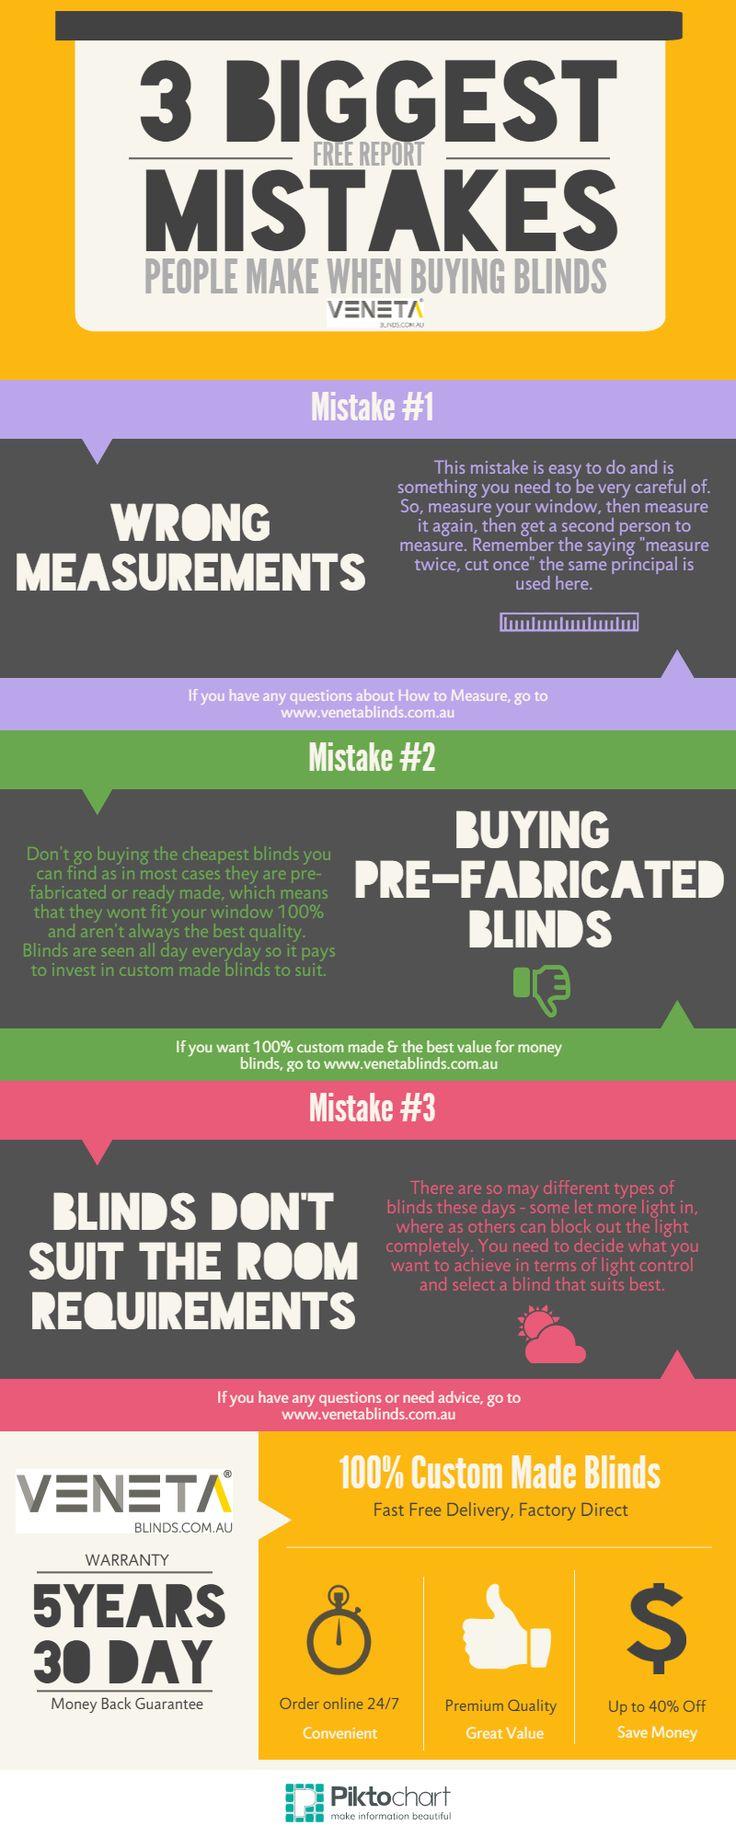 3 Biggest Mistakes when people buy blinds.  www.venetablinds.com.au